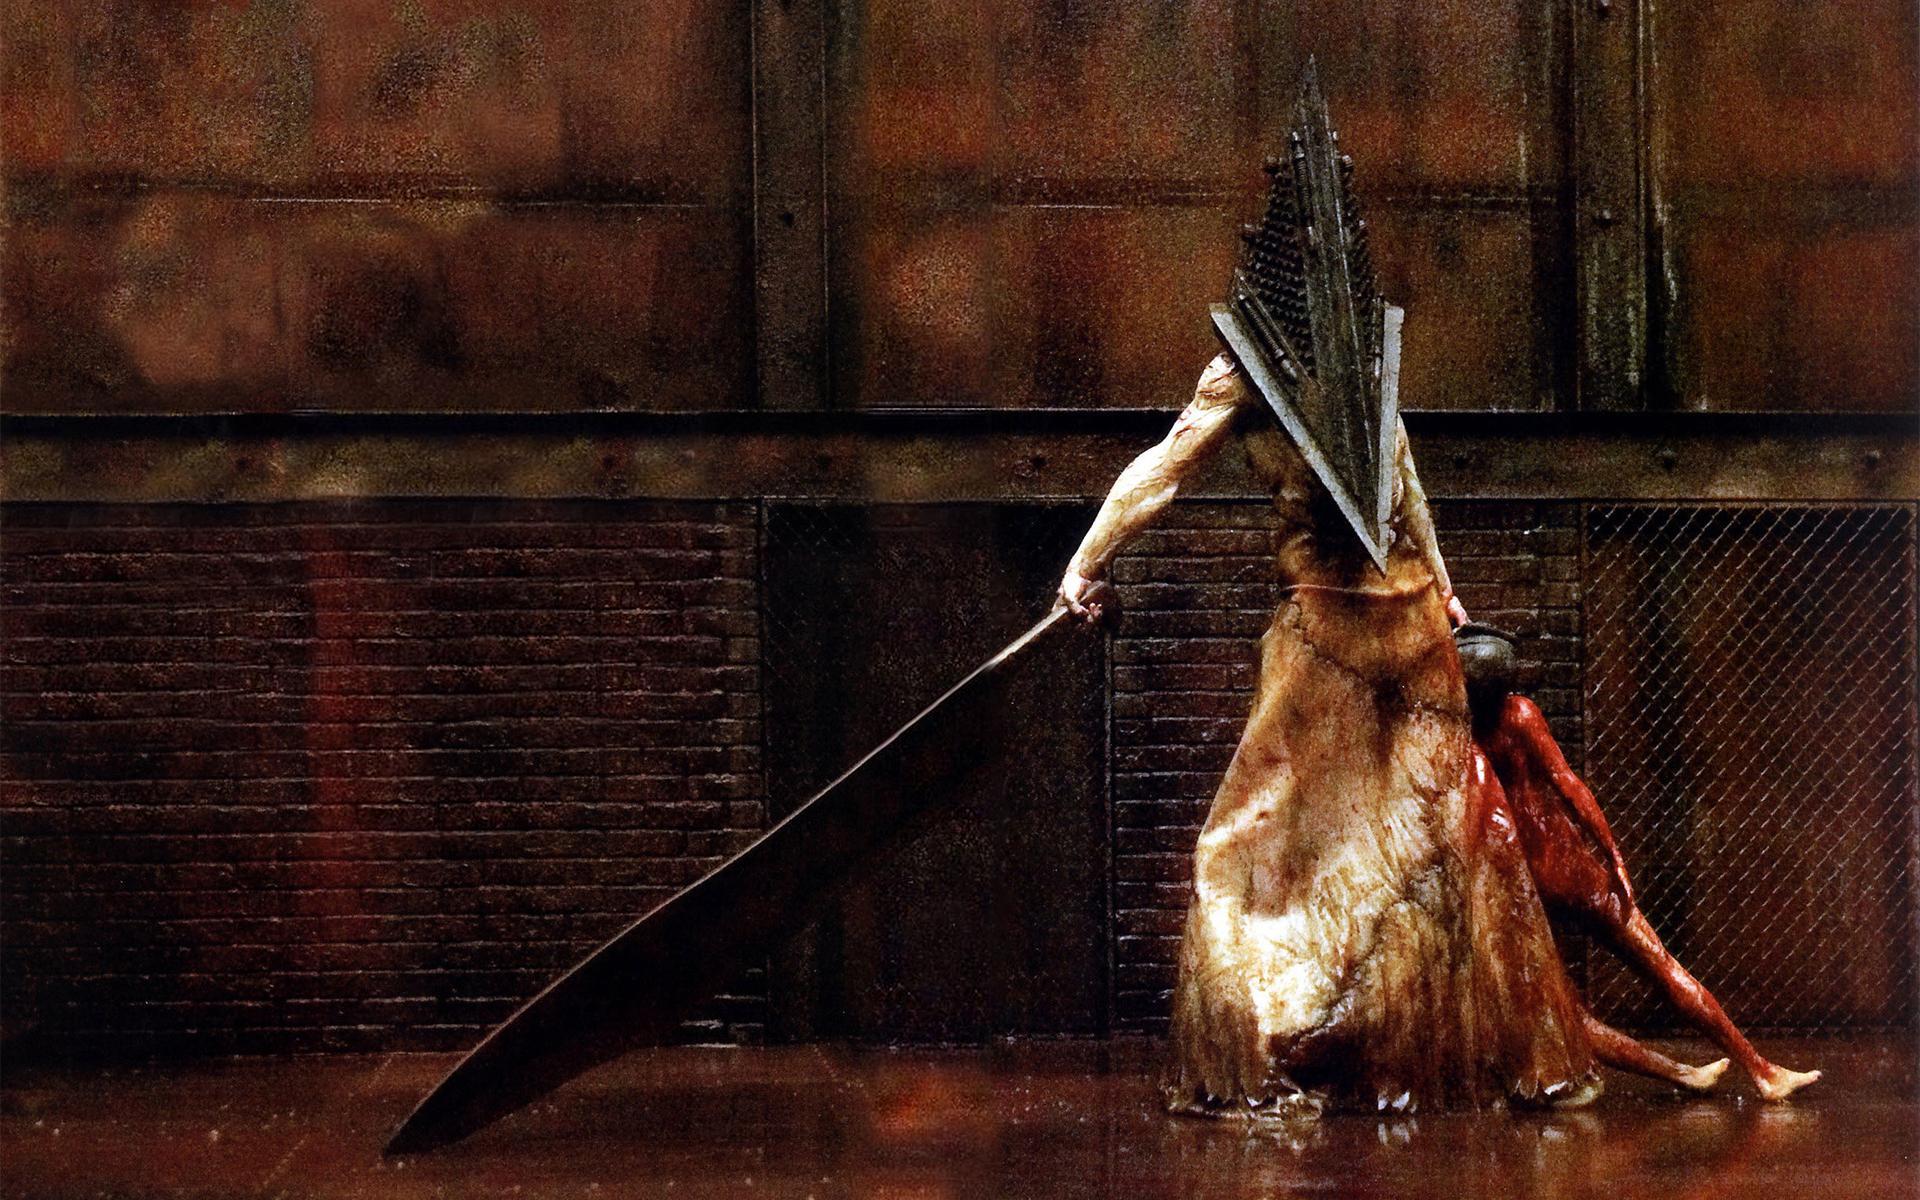 Новые слухи оновой Silent Hill. Игра возможно будет эксклюзивом дляPS5